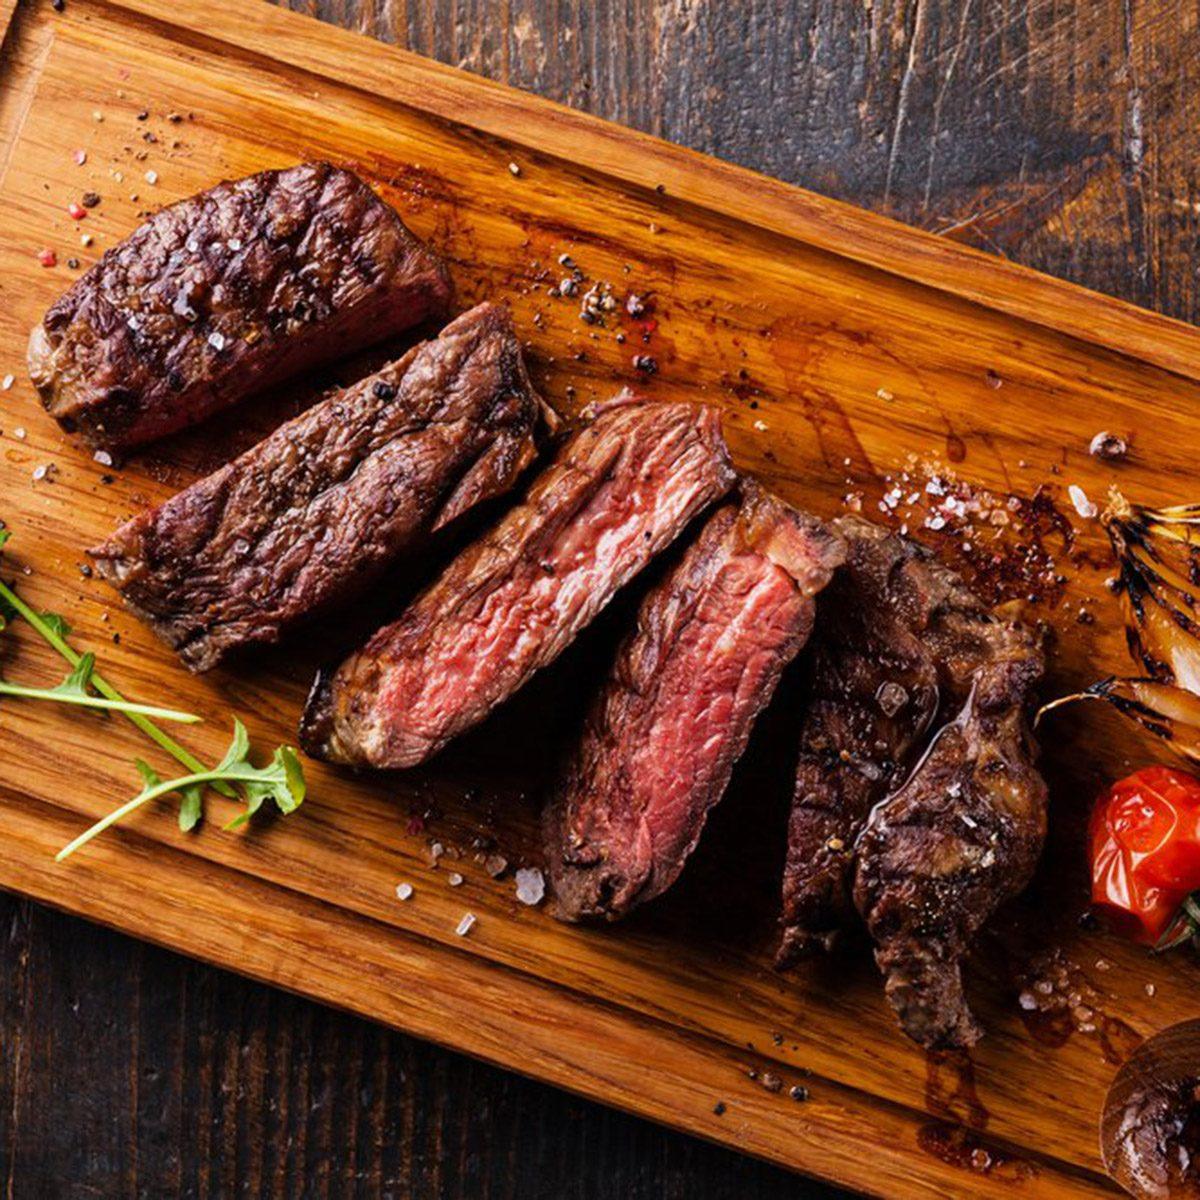 Spinalis Steak